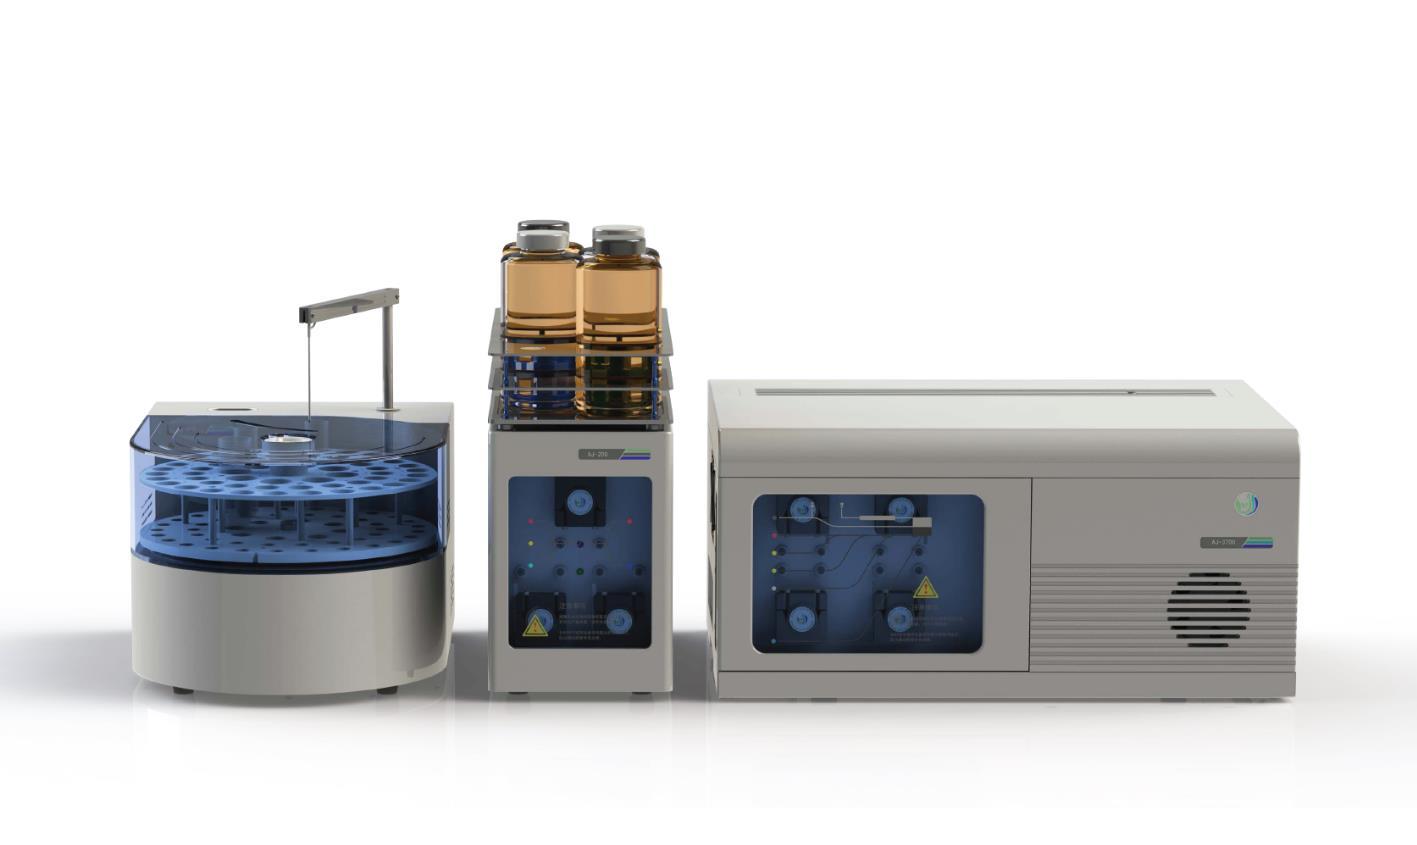 安杰科技参加起草的《气相分子吸收光谱仪》国家标准制定完成!仪器生产及使用将得规范